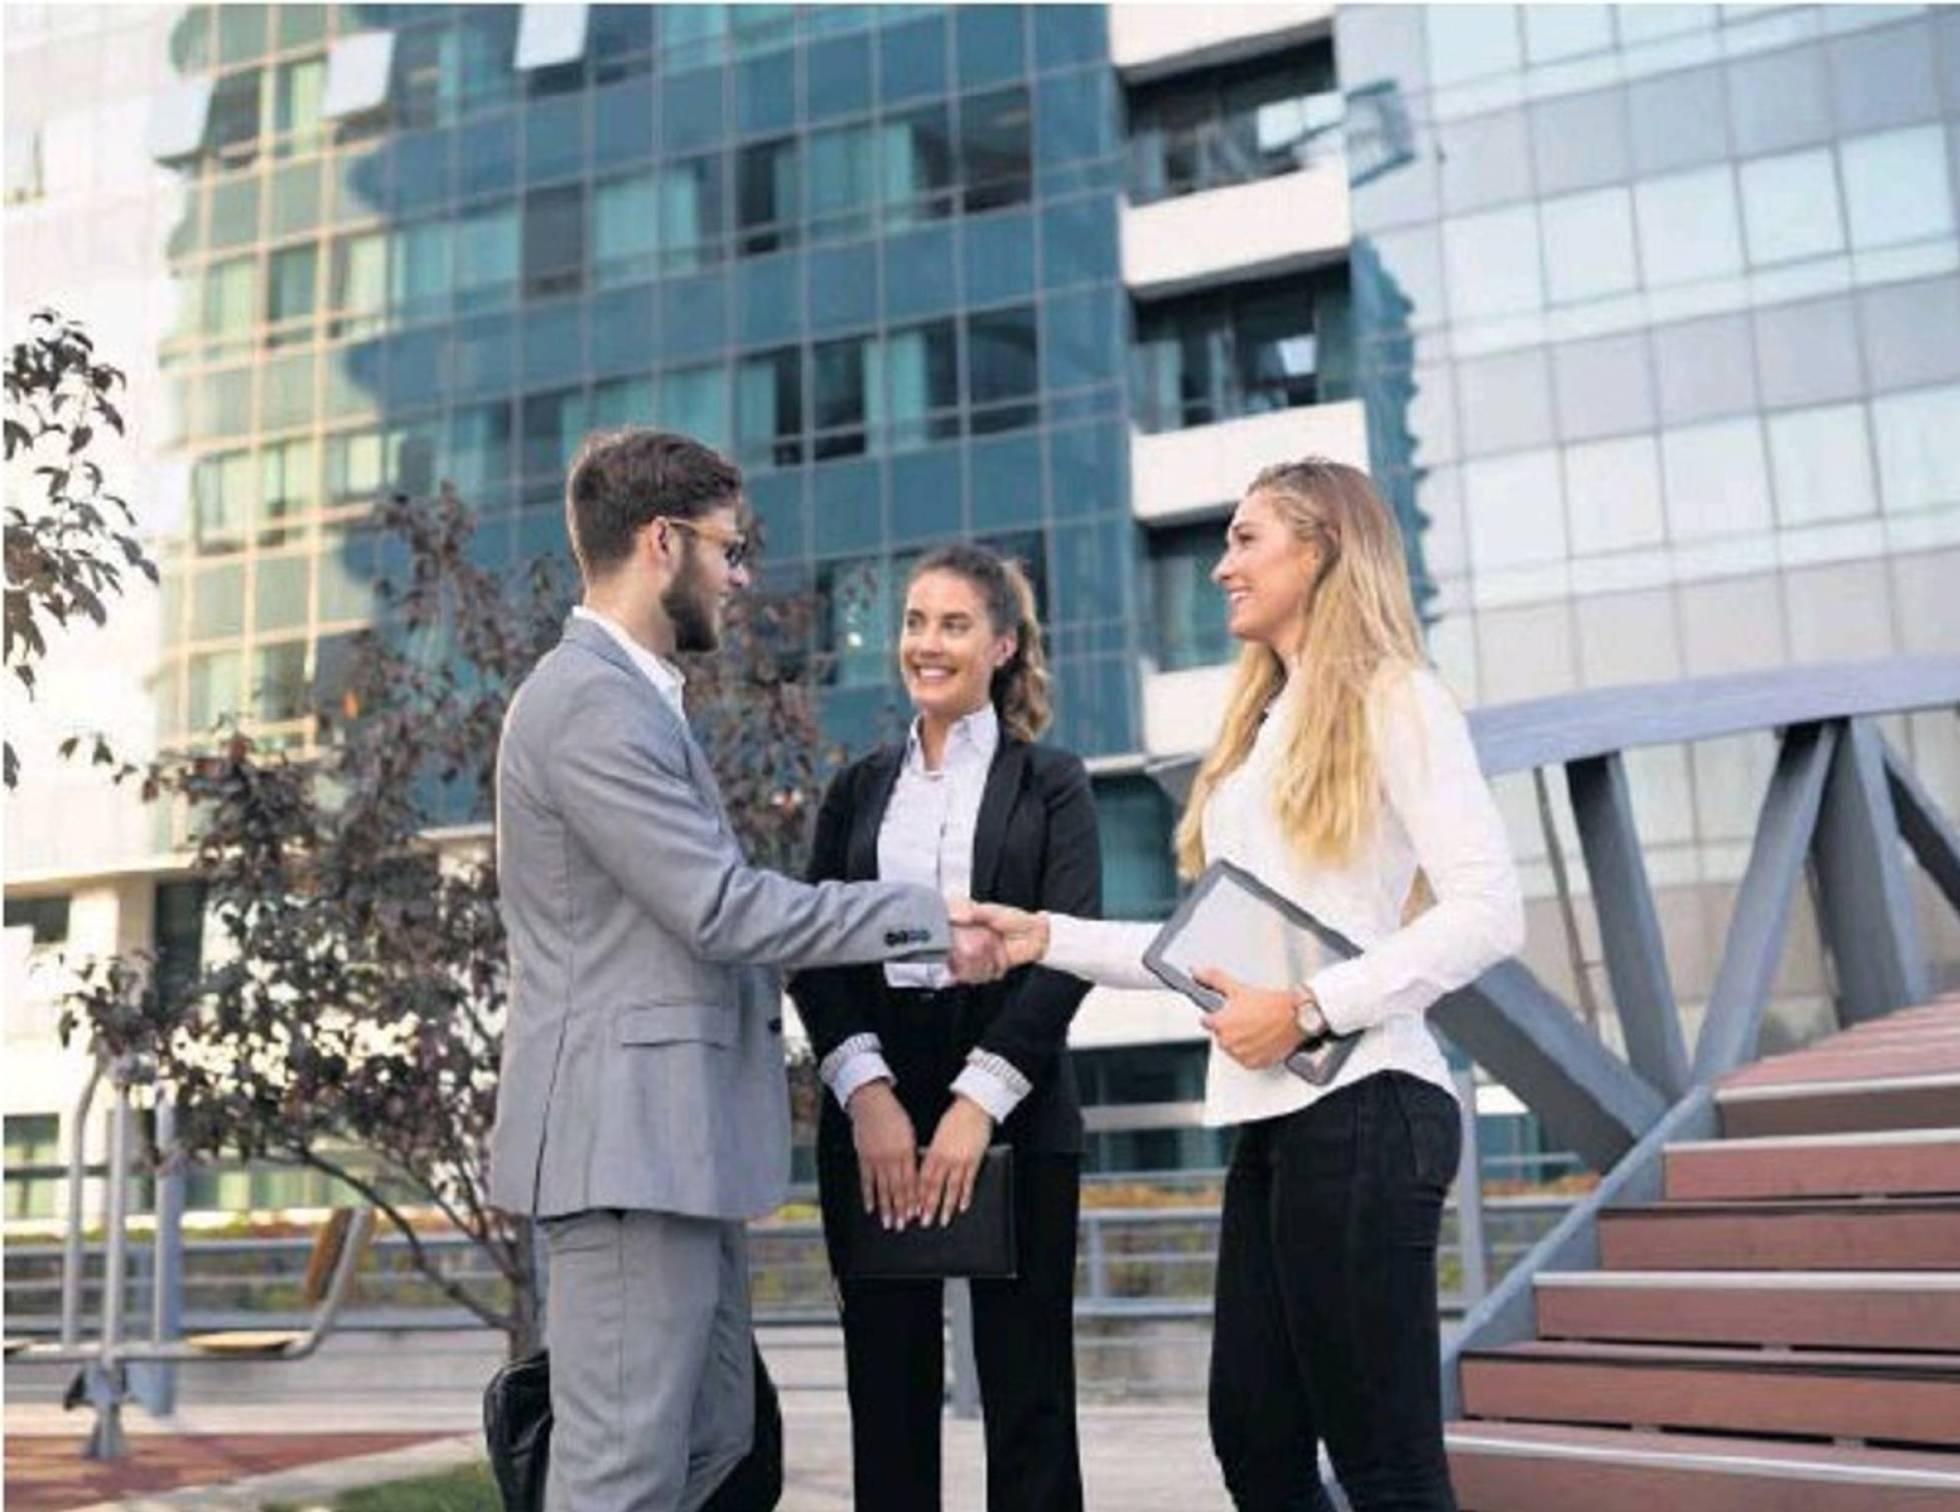 ¿Cuáles son las prioridades de las nuevas generaciones de abogados?